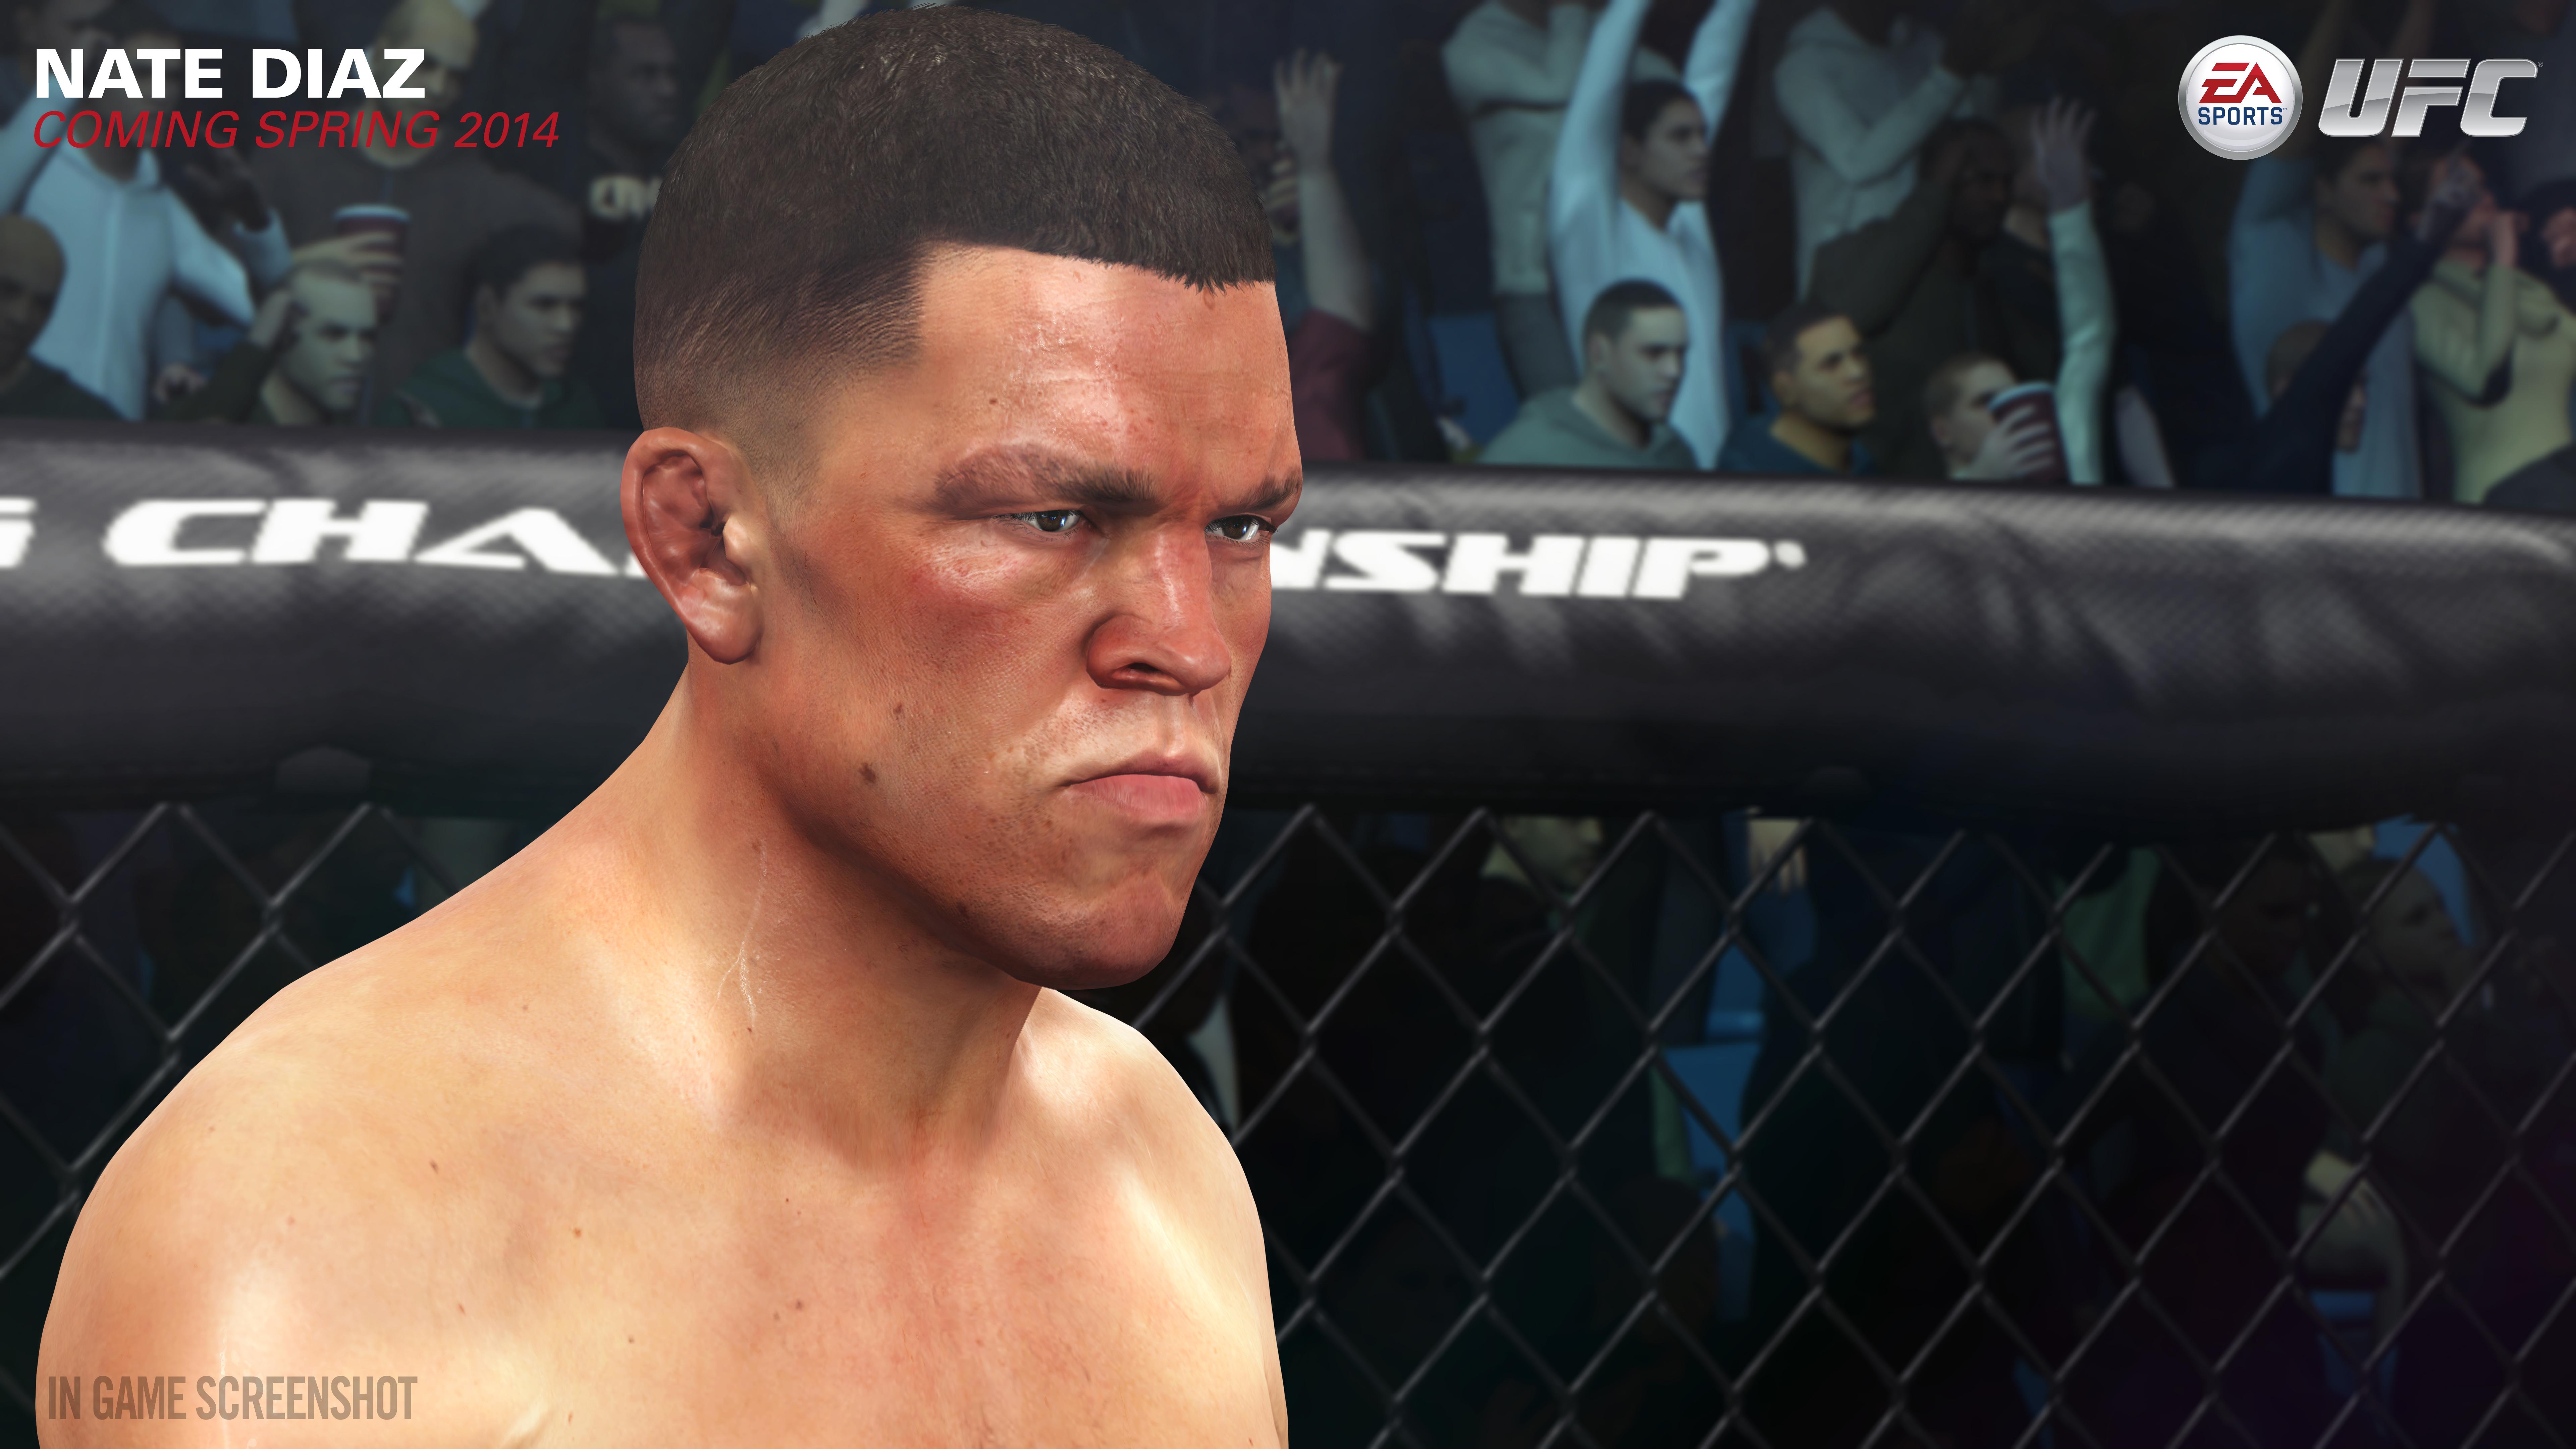 Нэйт Диаз - EA Sports UFC 8K